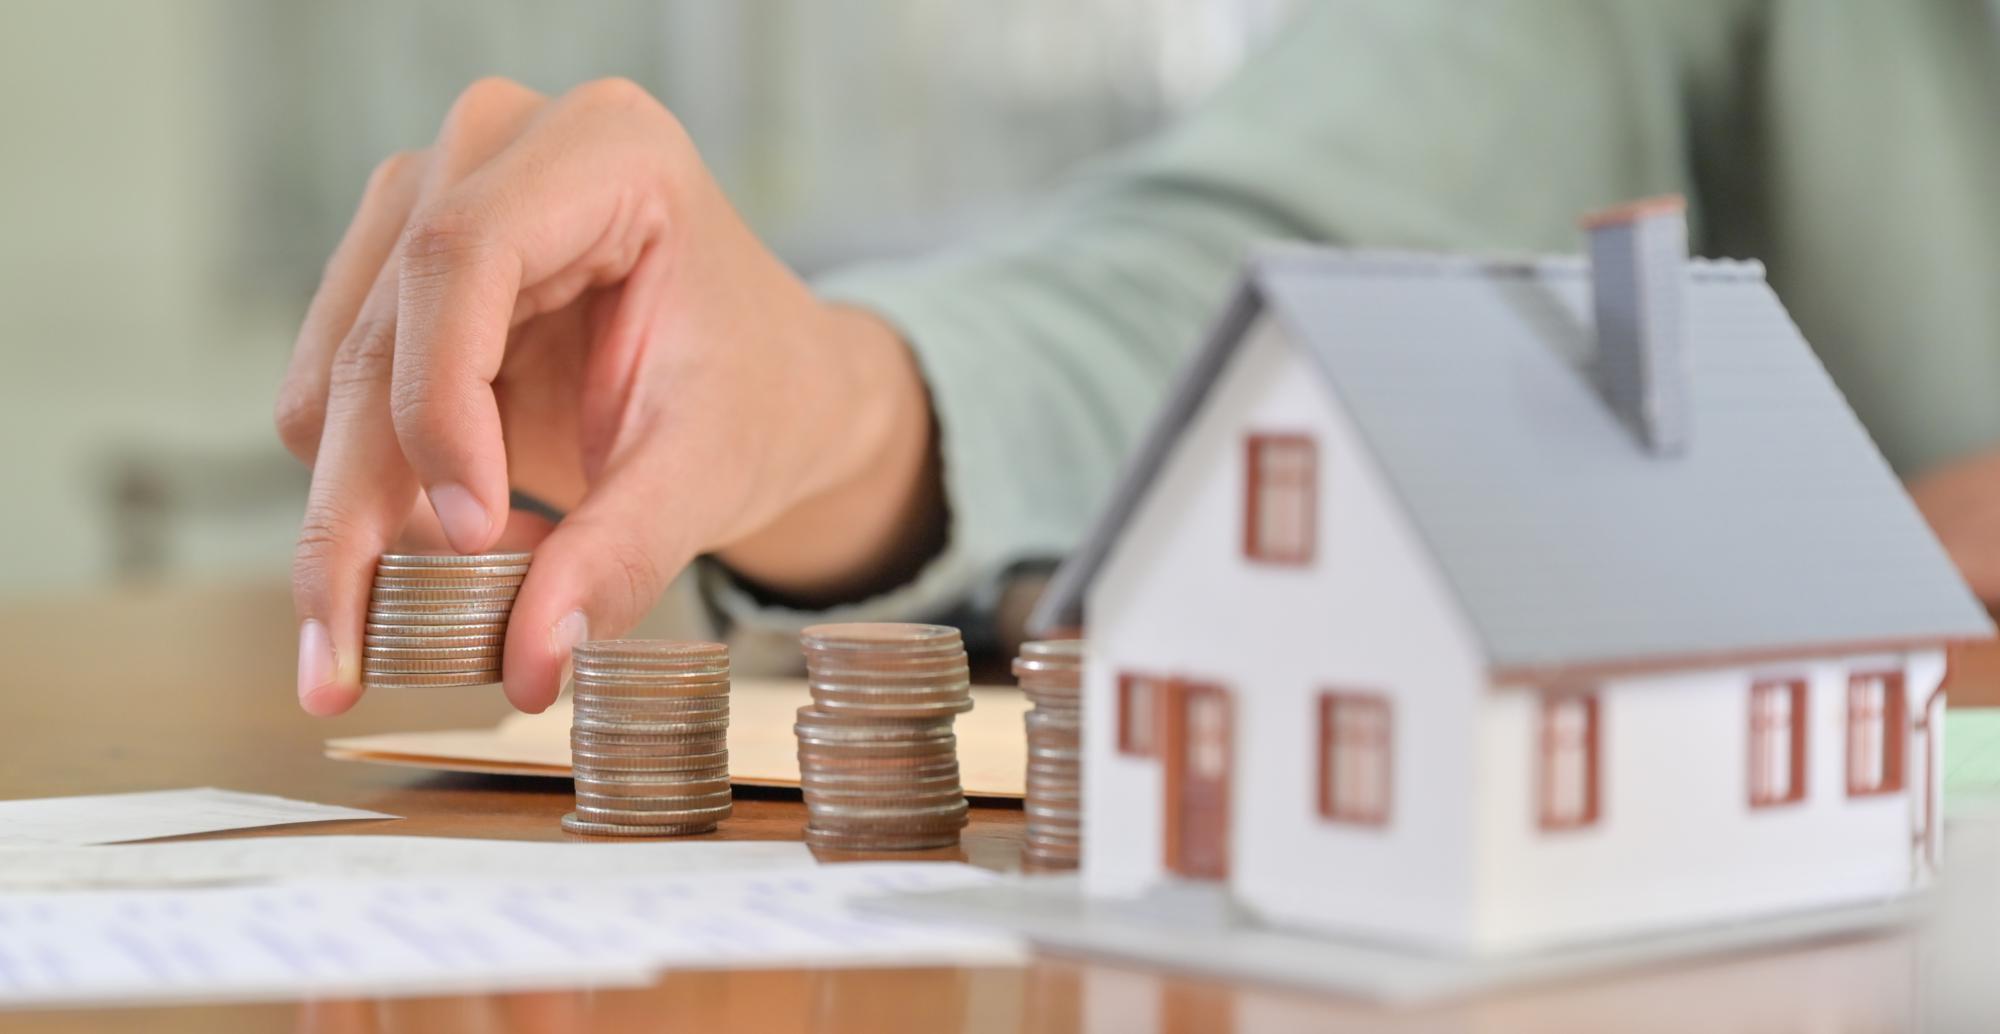 Неотделимые улучшения арендованных ОС подлежат доамортизации, если арендатор стал собственником